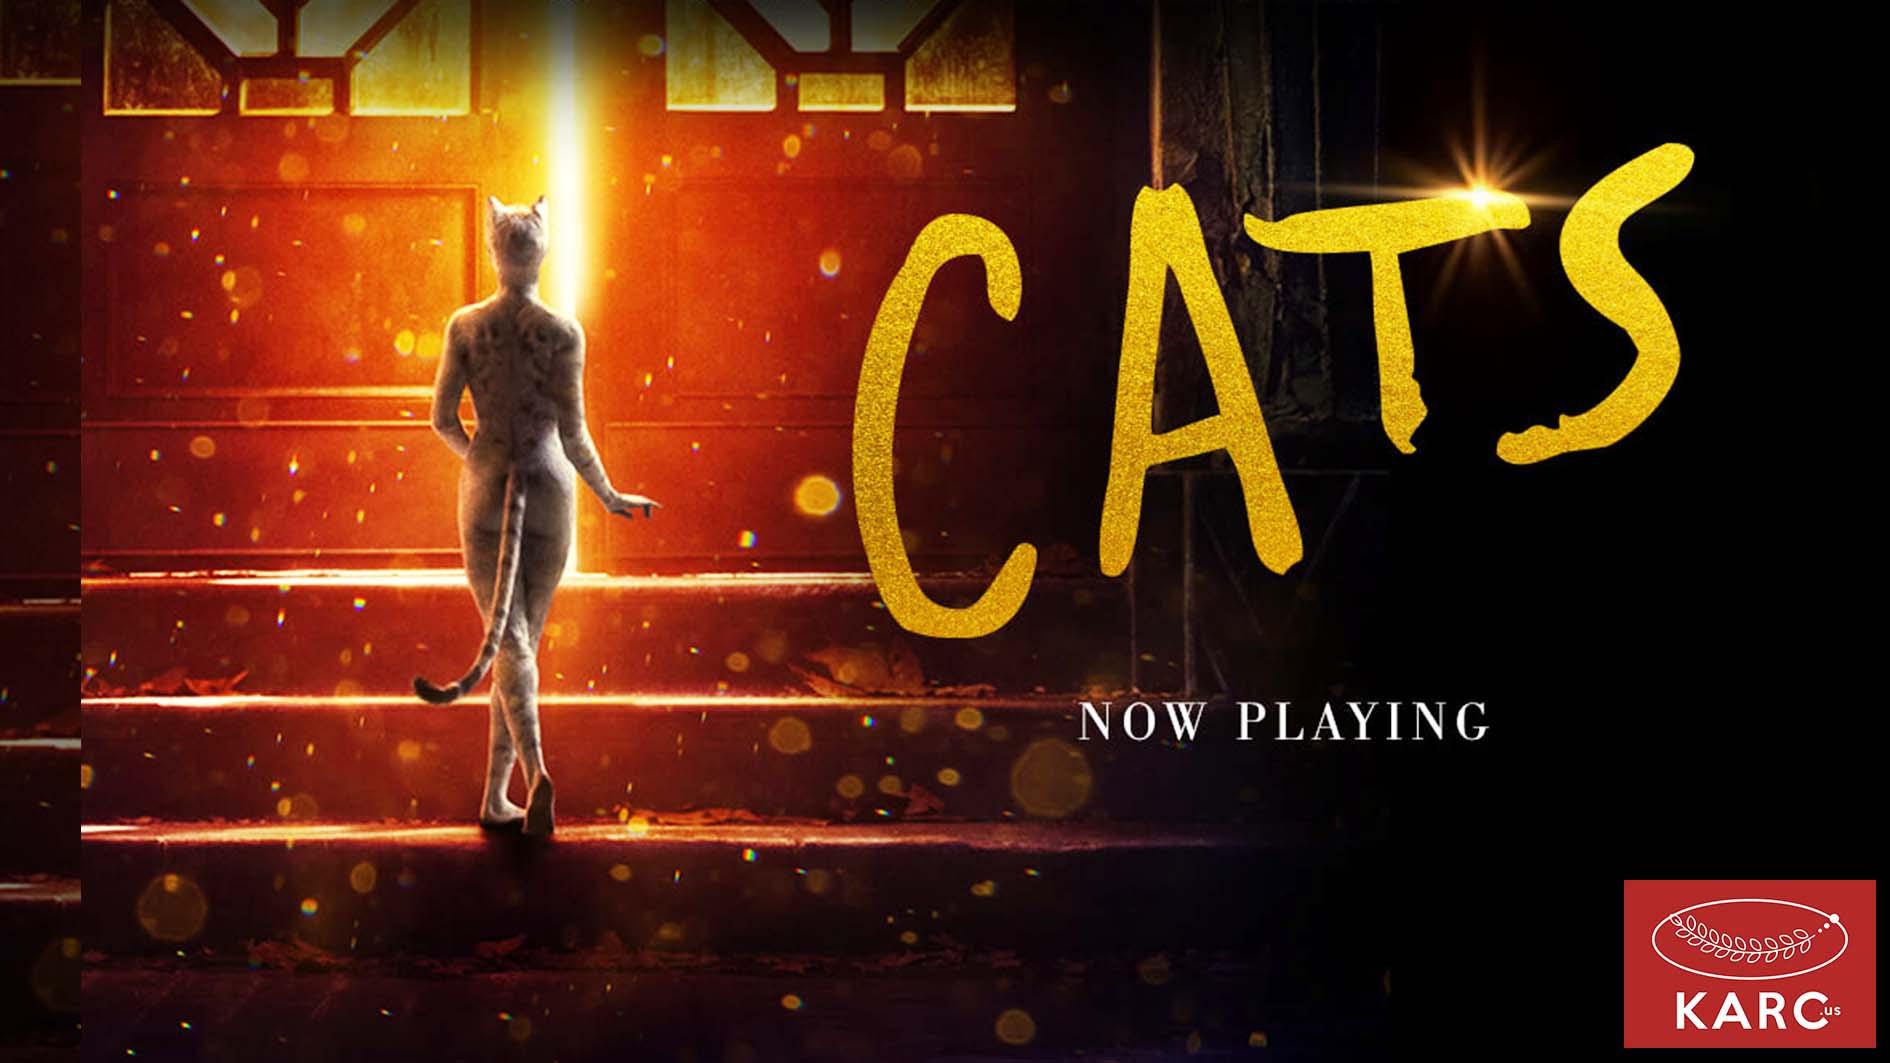 พร้อมหรือยัง ! CATS 2019 จากละครบอรดเวย์สุดโด่งดังสู่ภาพยนตร์สุดอลังกาล! karc.us วงการภาพยนต์ แนะนำหนังดี แนะนำหนังน่าดู หนังน่าดู รีวิวหนังใหม่ ก่อนตายต้องได้ดู! ข่าวดารา ข่าวเด่นประเด็นร้อน รีวิวหนังใหม่ หนังดังในอดีต karc.us